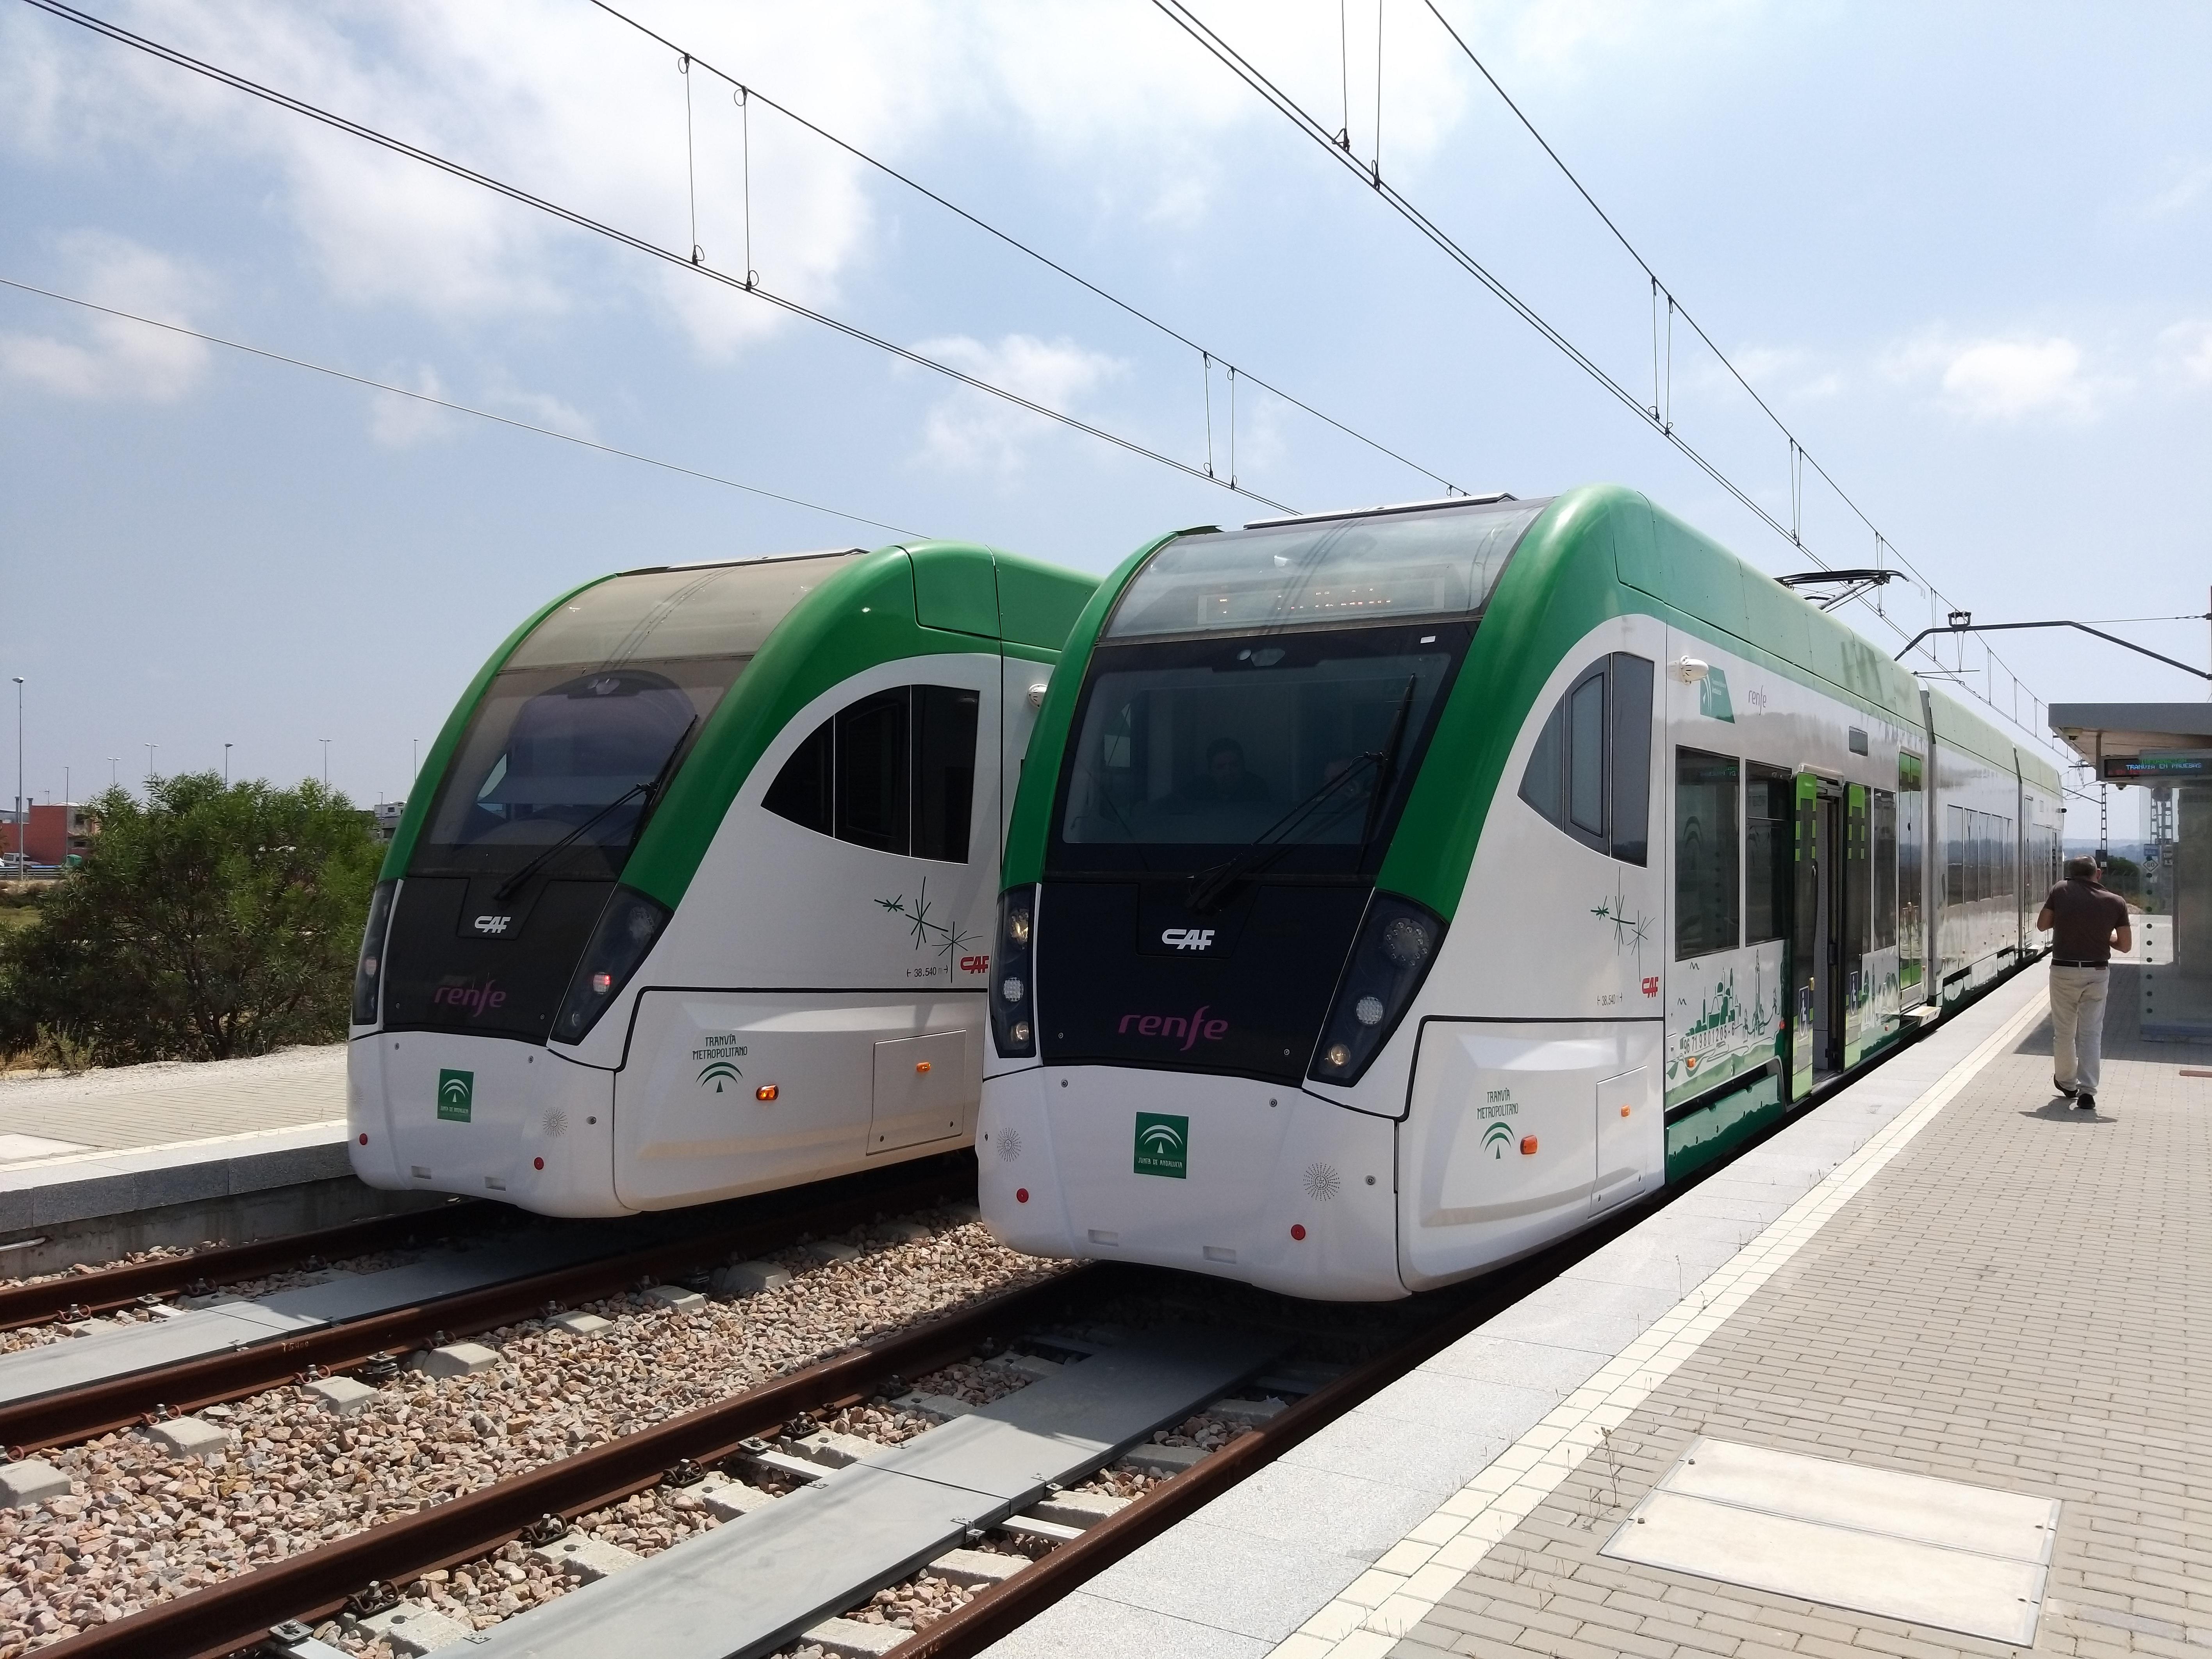 Unidades del tren tranvía en pruebas dinámicas por el tranzado tranviario.